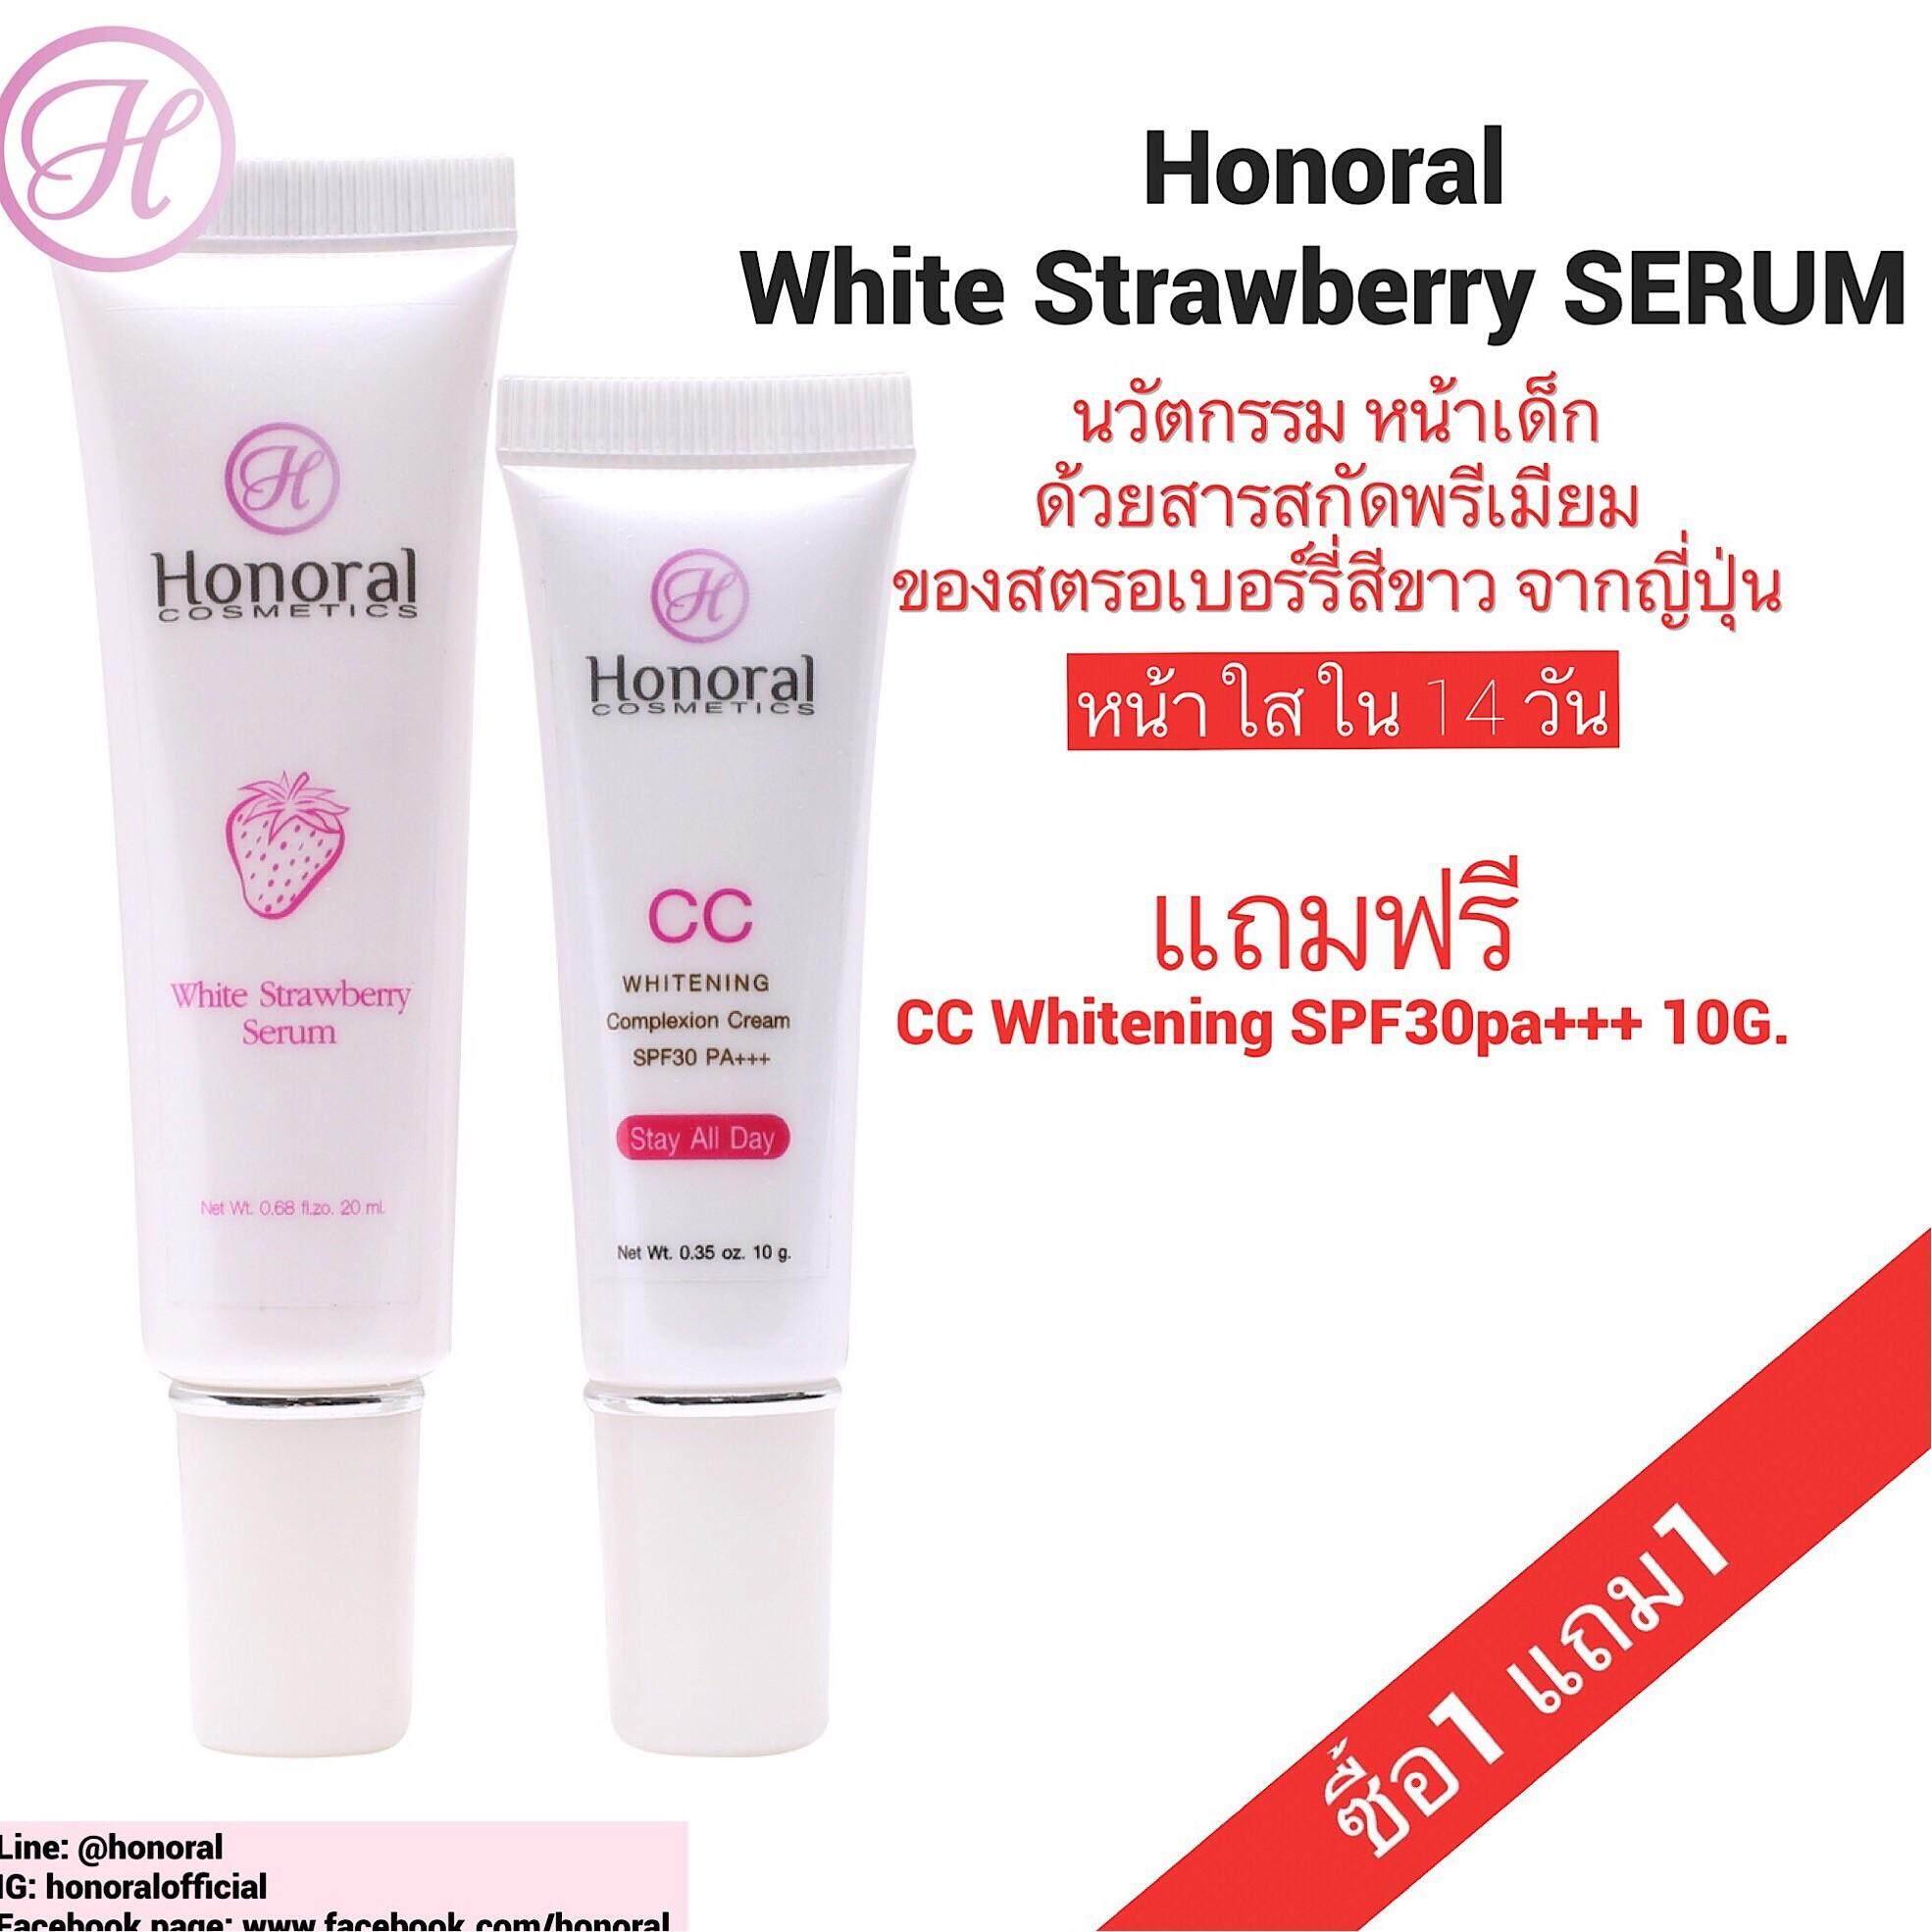 ราคา Honoral White Strawberry Serum ไวท์สตรอเบอร์รี่ ซีรั่ม แถมฟรี ซีซี ไวท์เทนนิ่ง คอมเพล็กซ์ชั่น ครีม 10G ใหม่